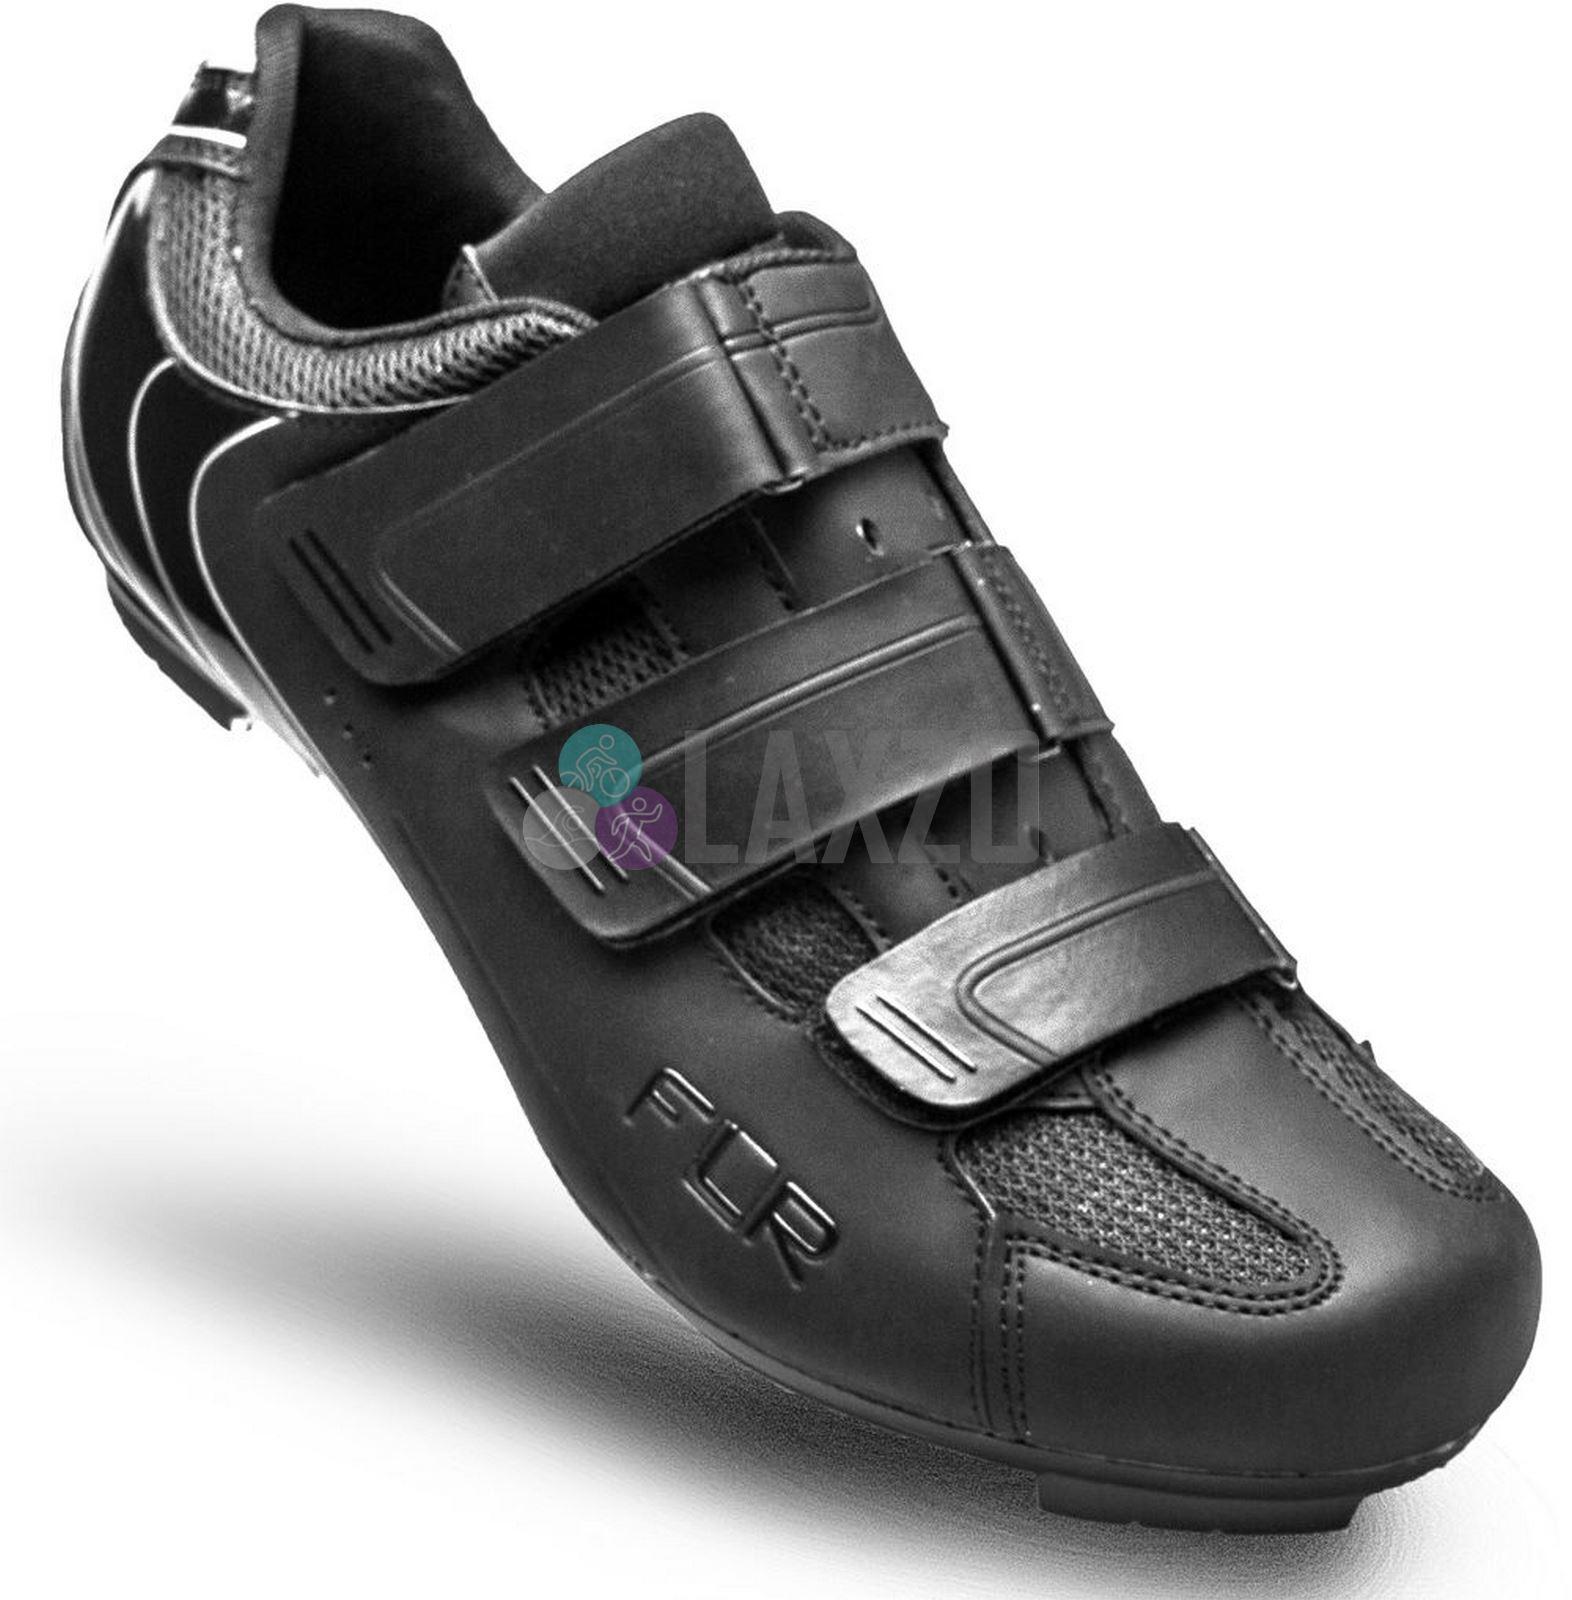 Flr F-35.III Straßen Fahrrad Schuhe Schuhe Schuhe in Mattschwarz - Größe 45 3 Bolzen System 97c743